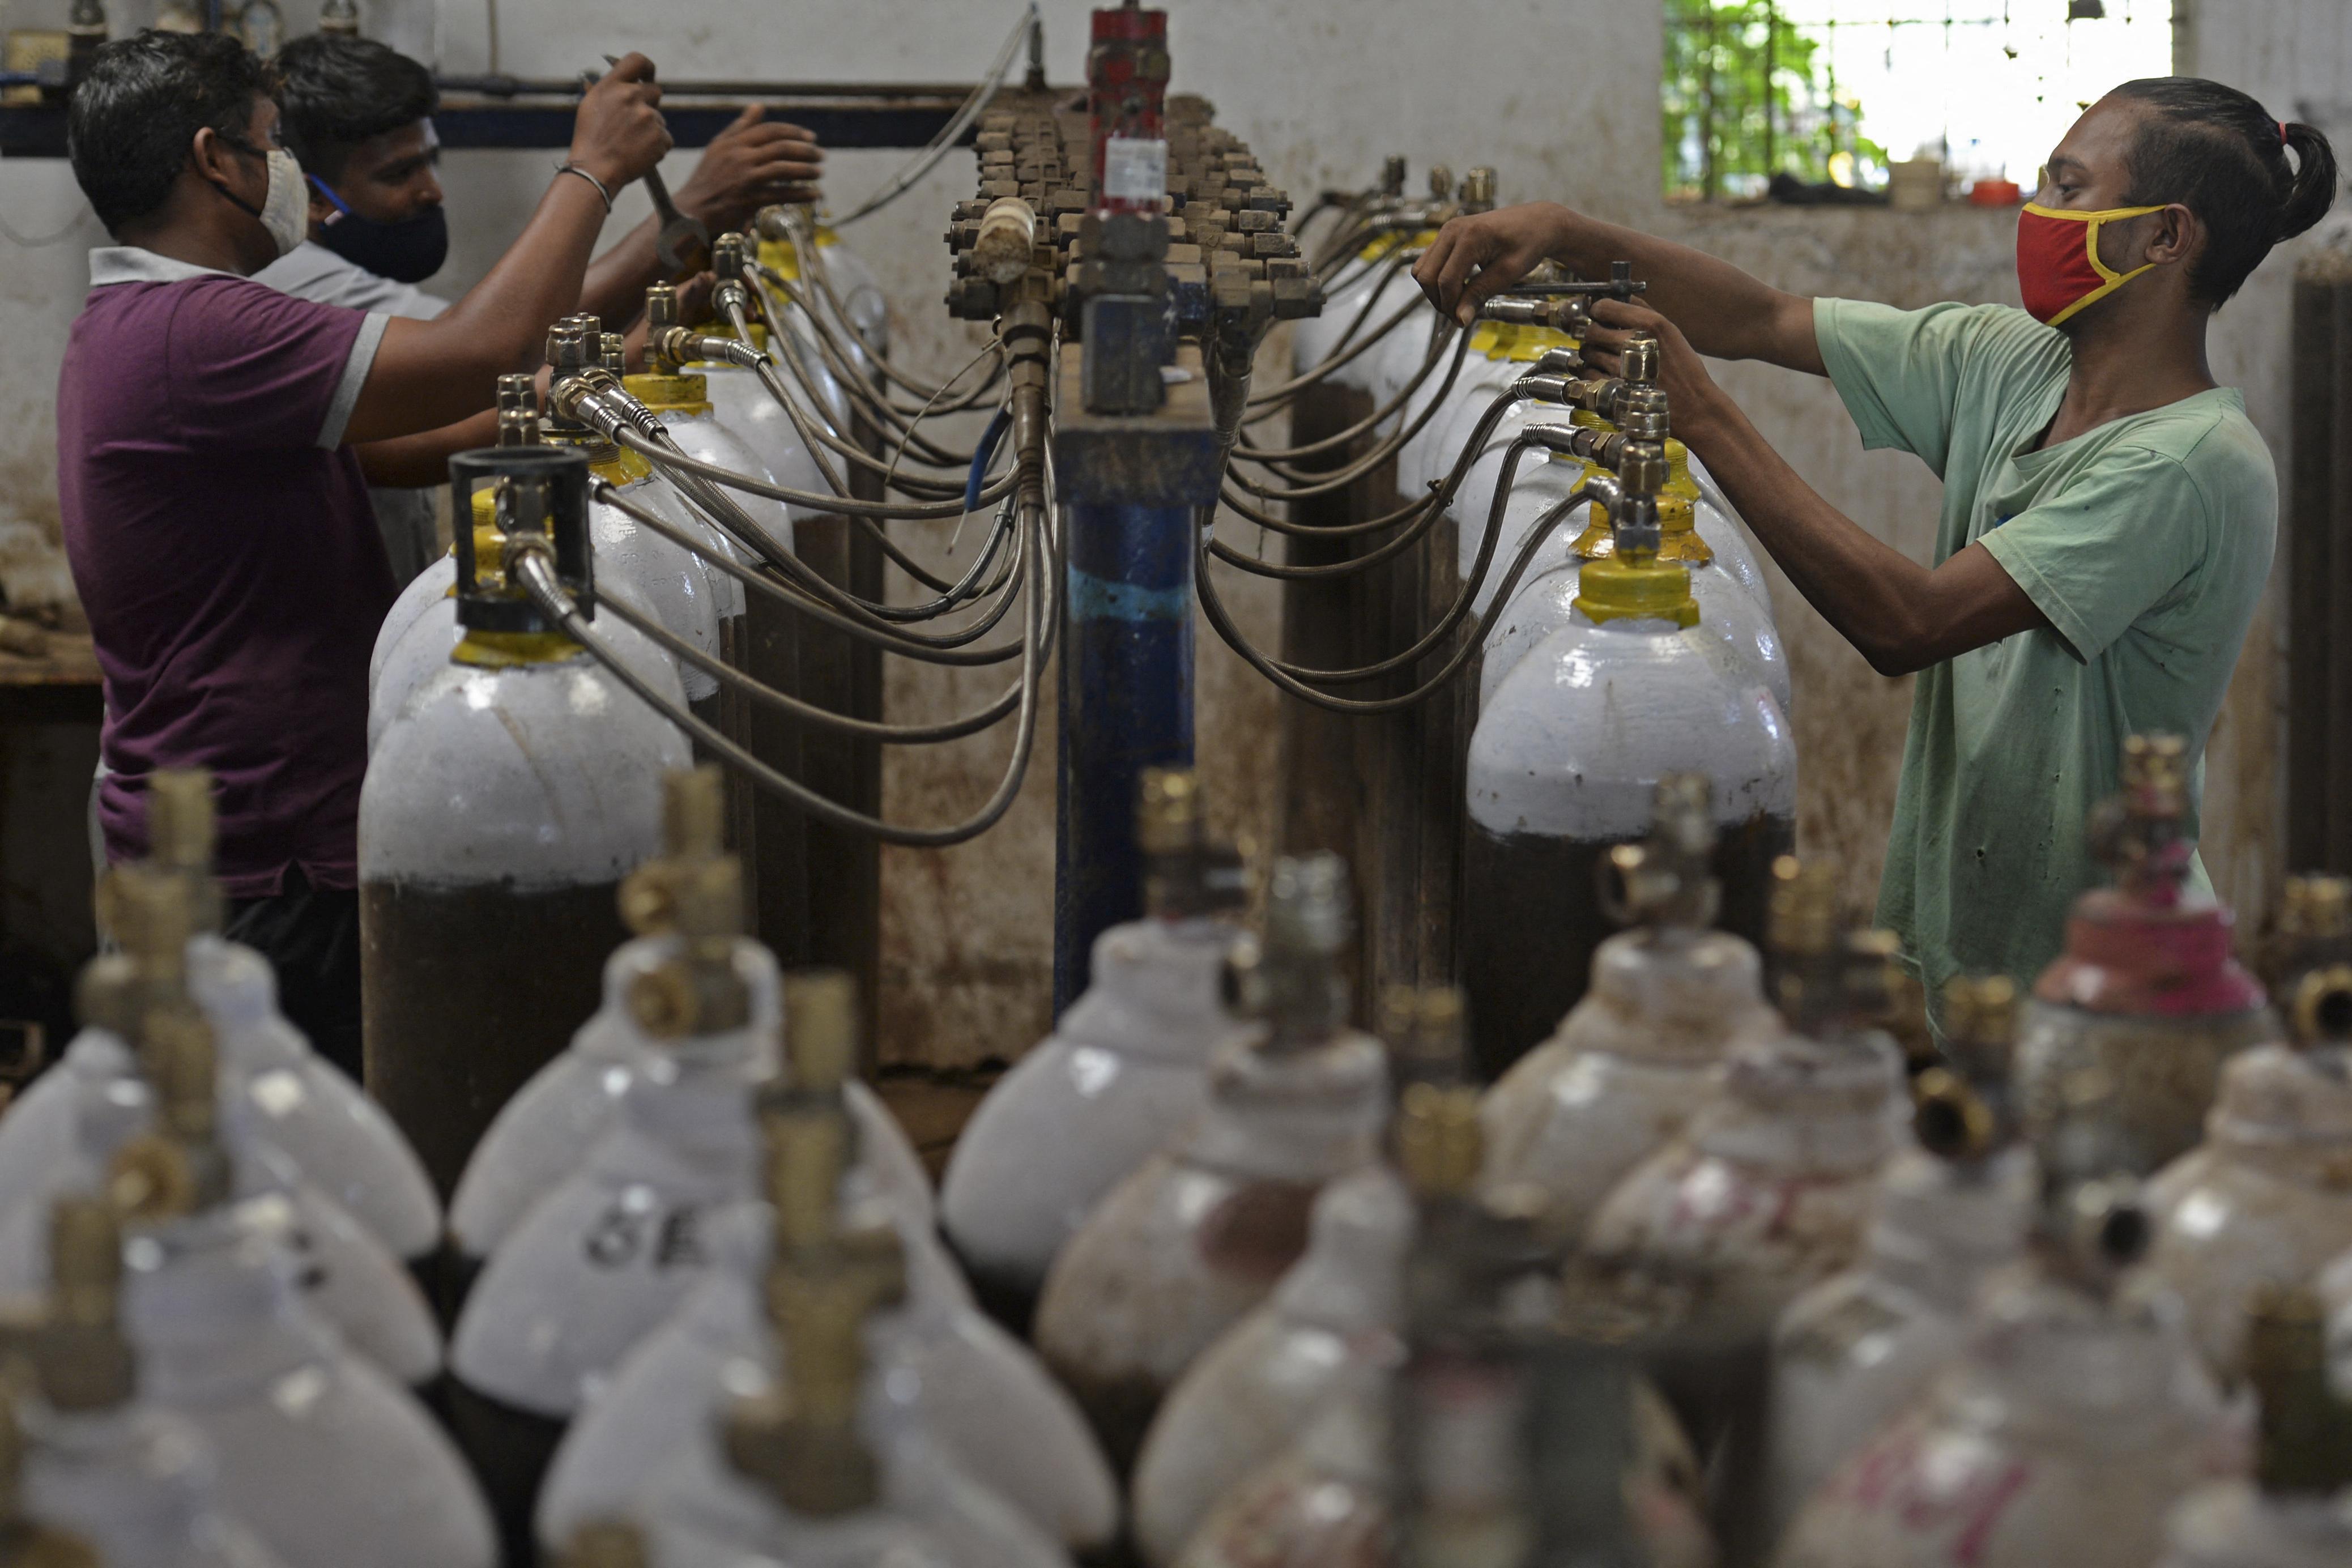 Az indiai kórházakban már azért halnak meg a betegek, mert elfogyott az oxigén